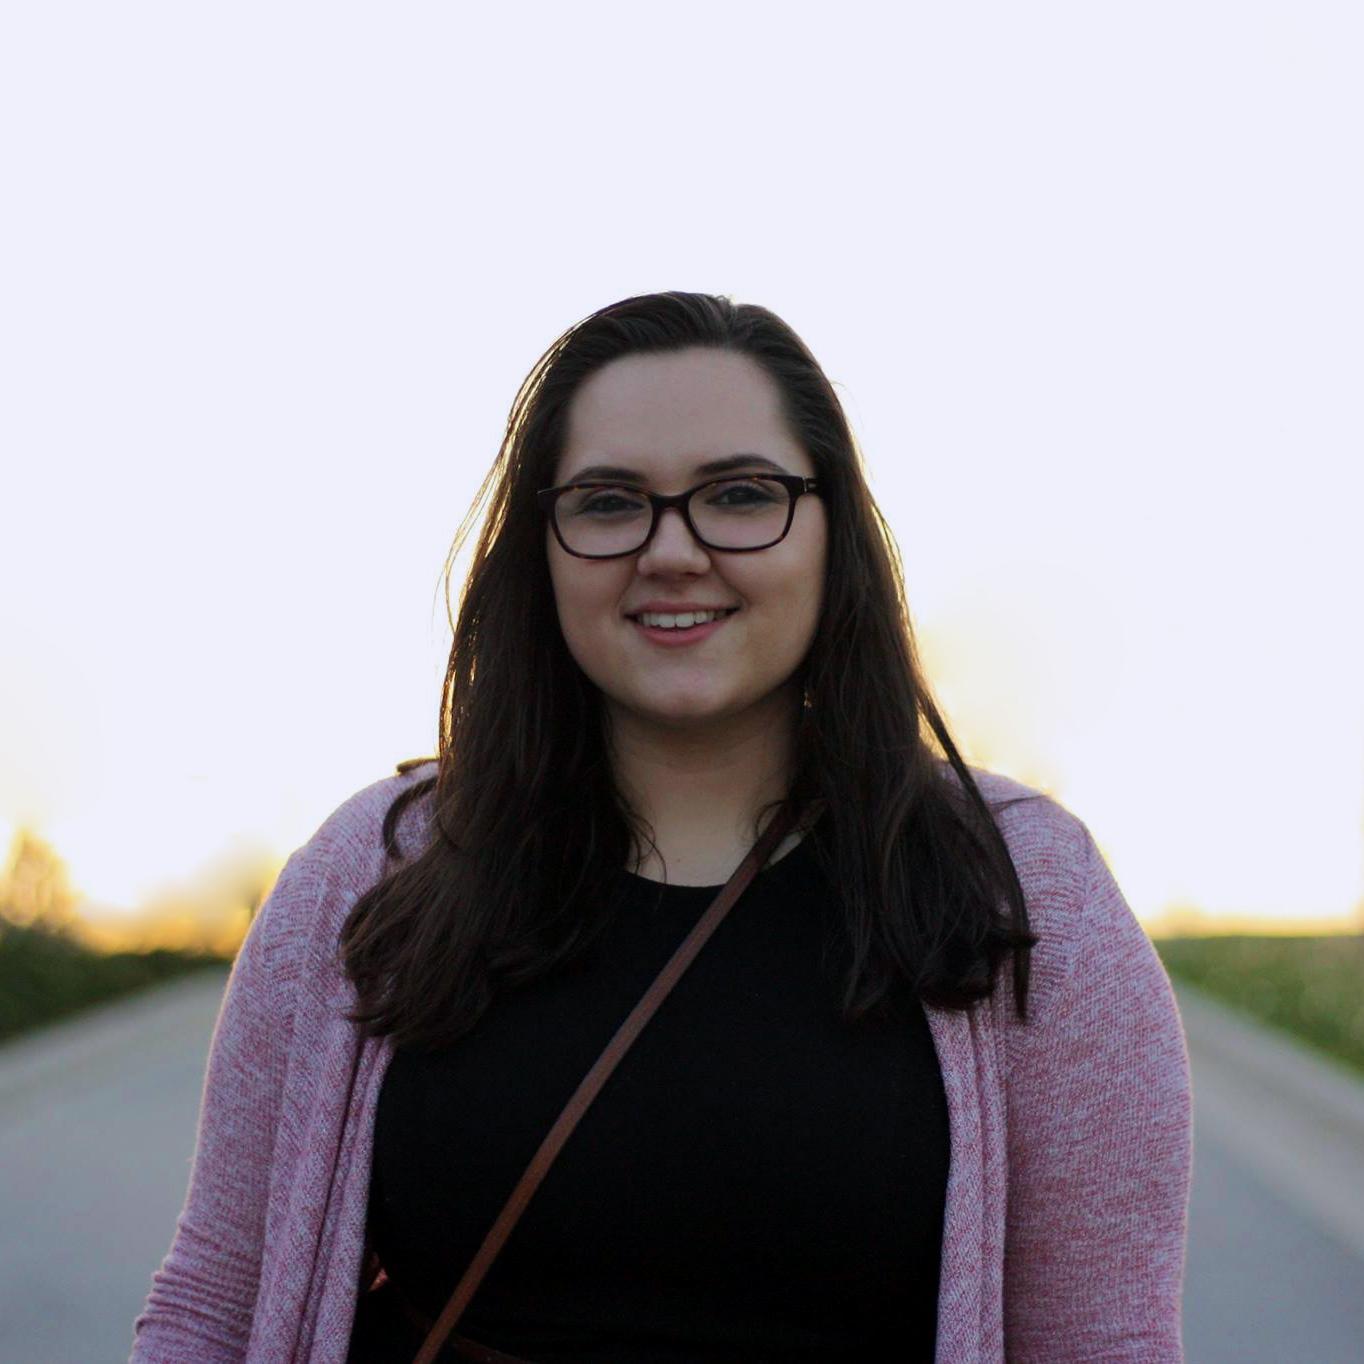 Sarah Lipman - Associate Director